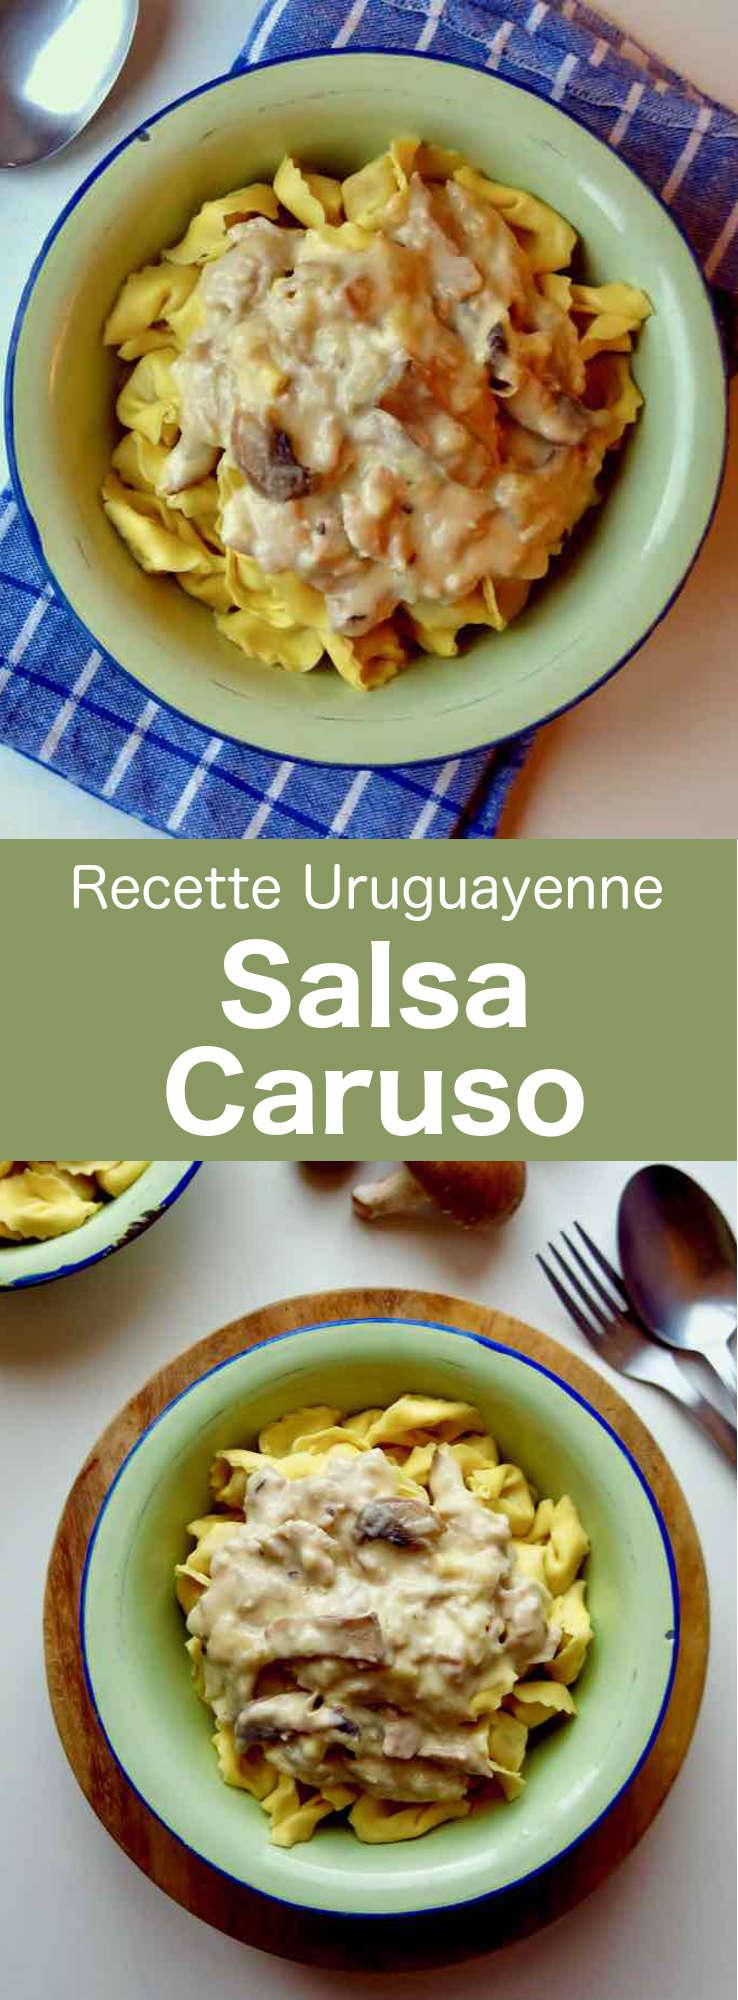 La salsa caruso est une sauce chaude à base de crème, jambon, fromage, et champignons servie avec des pâtes cappelletti, populaire en Uruguay. #Uruguay #RecetteUruguayenne #CuisineUruguayenne #WorldCuisine #196flavors